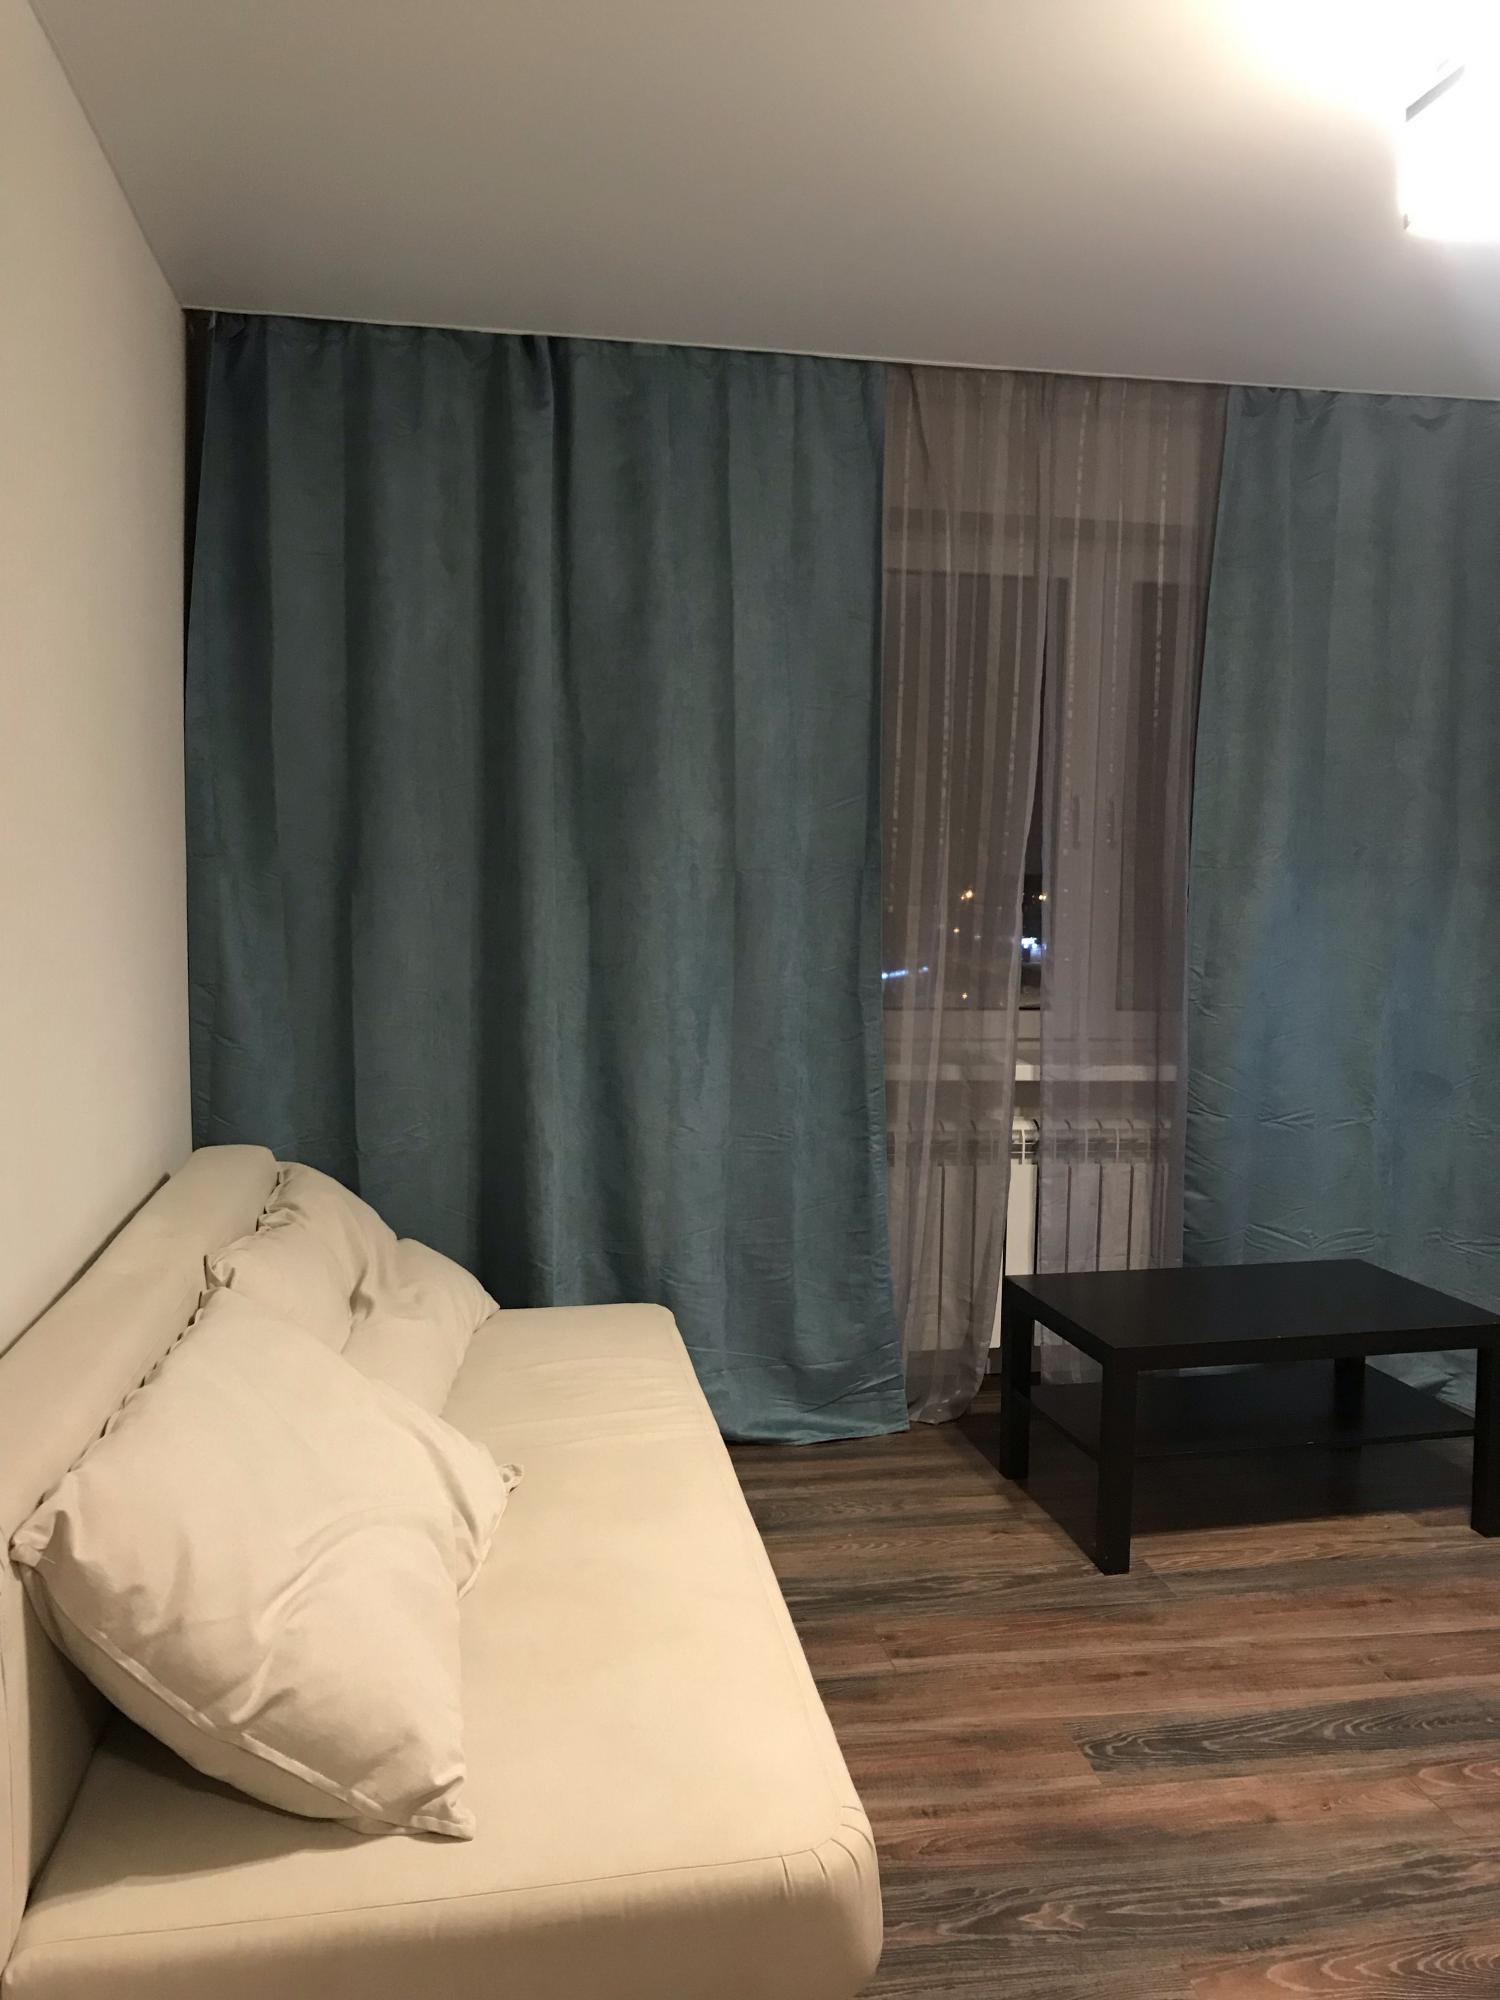 Квартира, студия, 24.5 м² в Домодедово 89035305126 купить 2